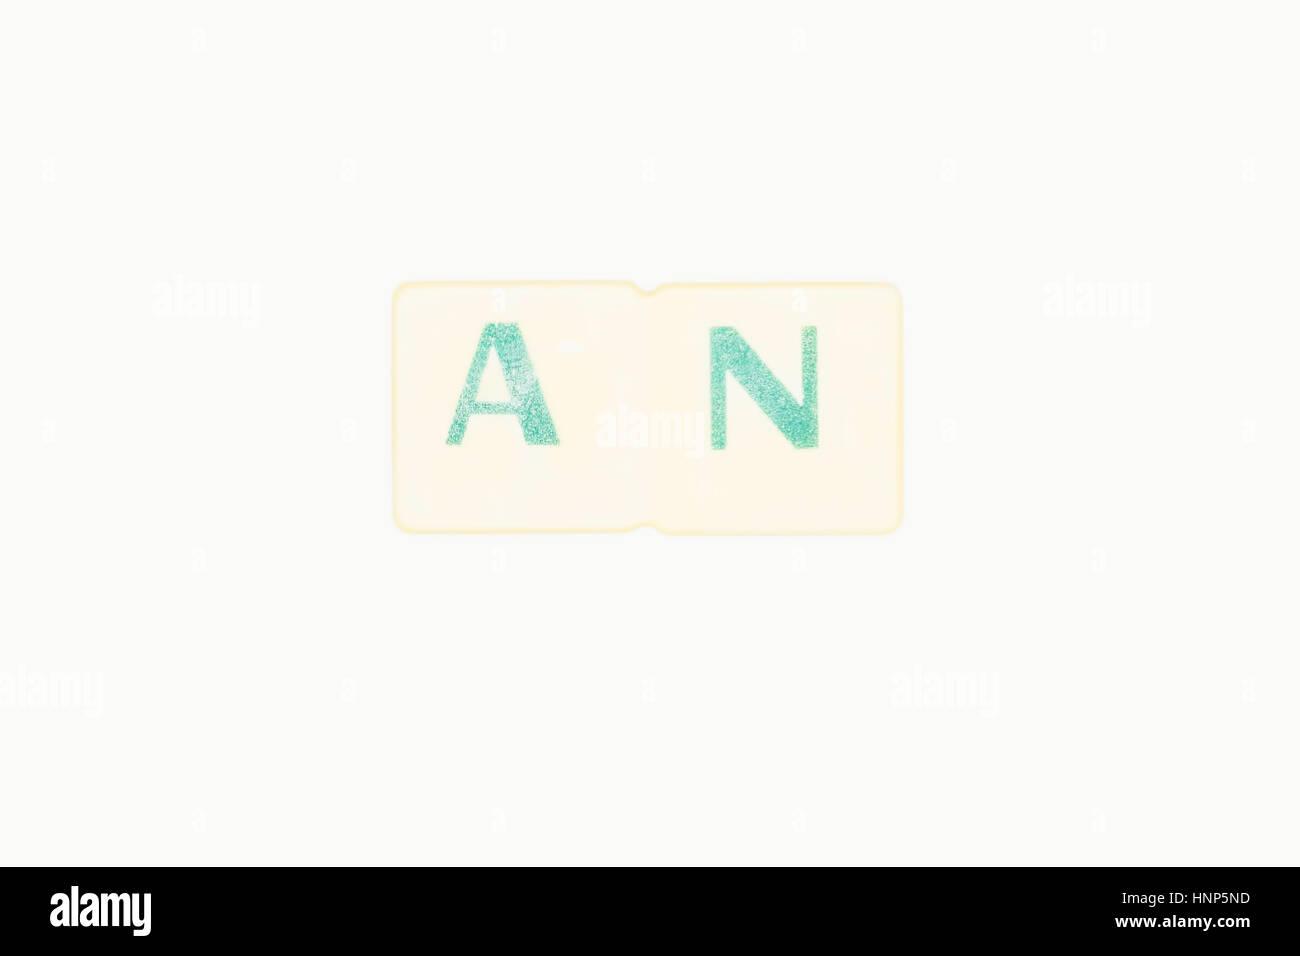 Foto von zwei grünen Buchstaben bilden das Wort ist eine englische unregelmäßige Artikel, Wort, geschrieben Stockbild